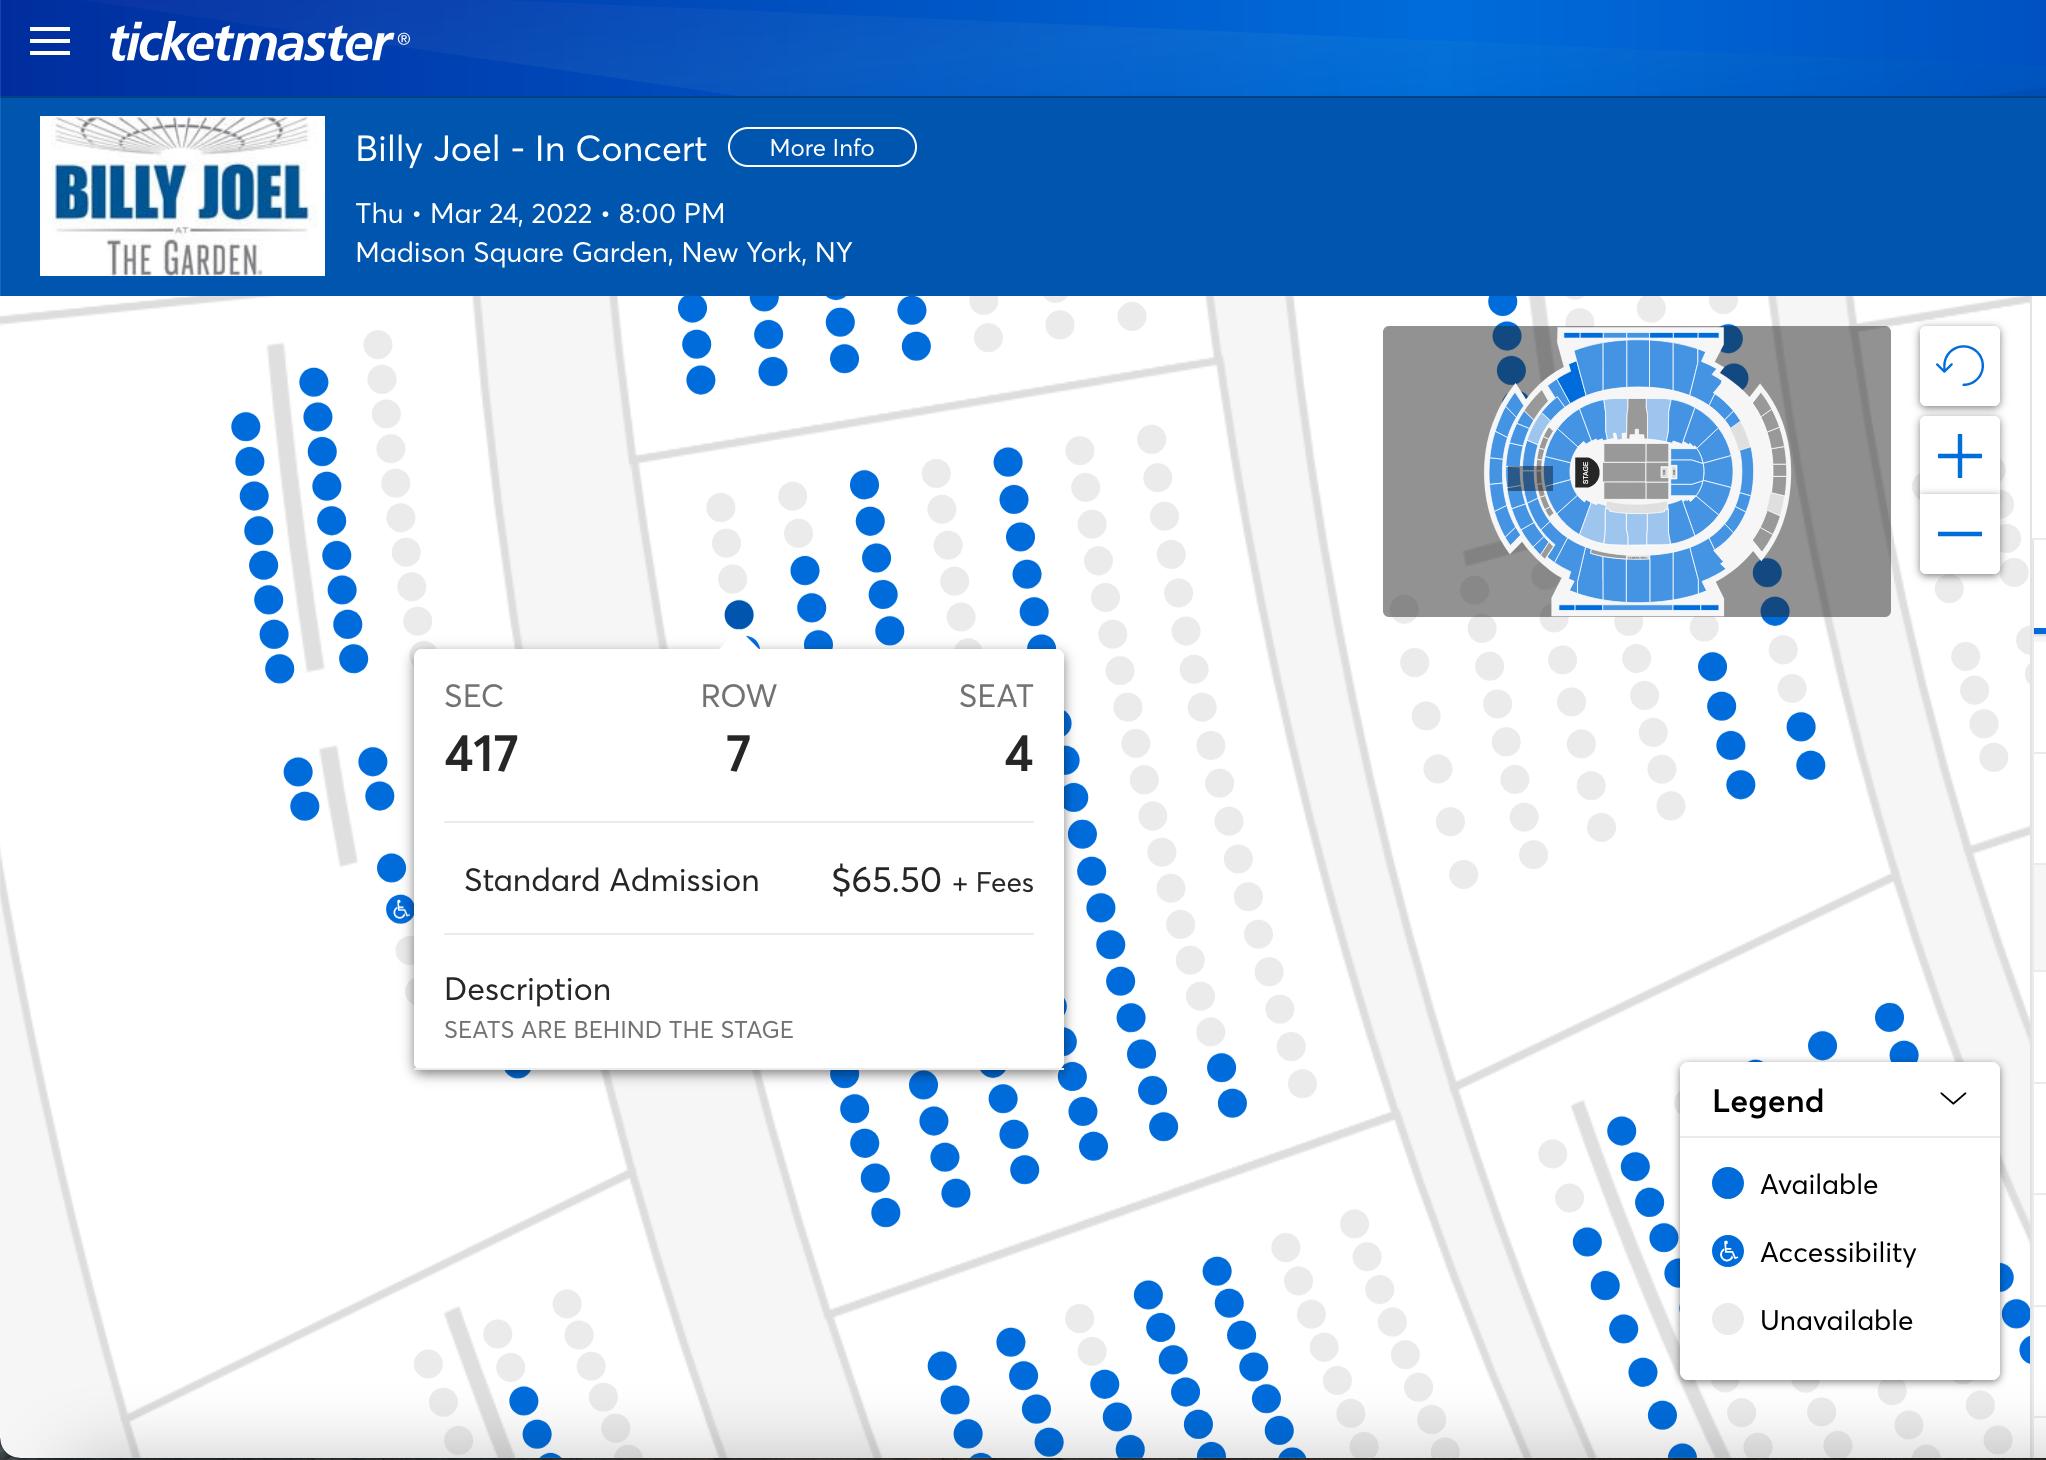 Billy Joel Ticket Prices - Ticketmaster